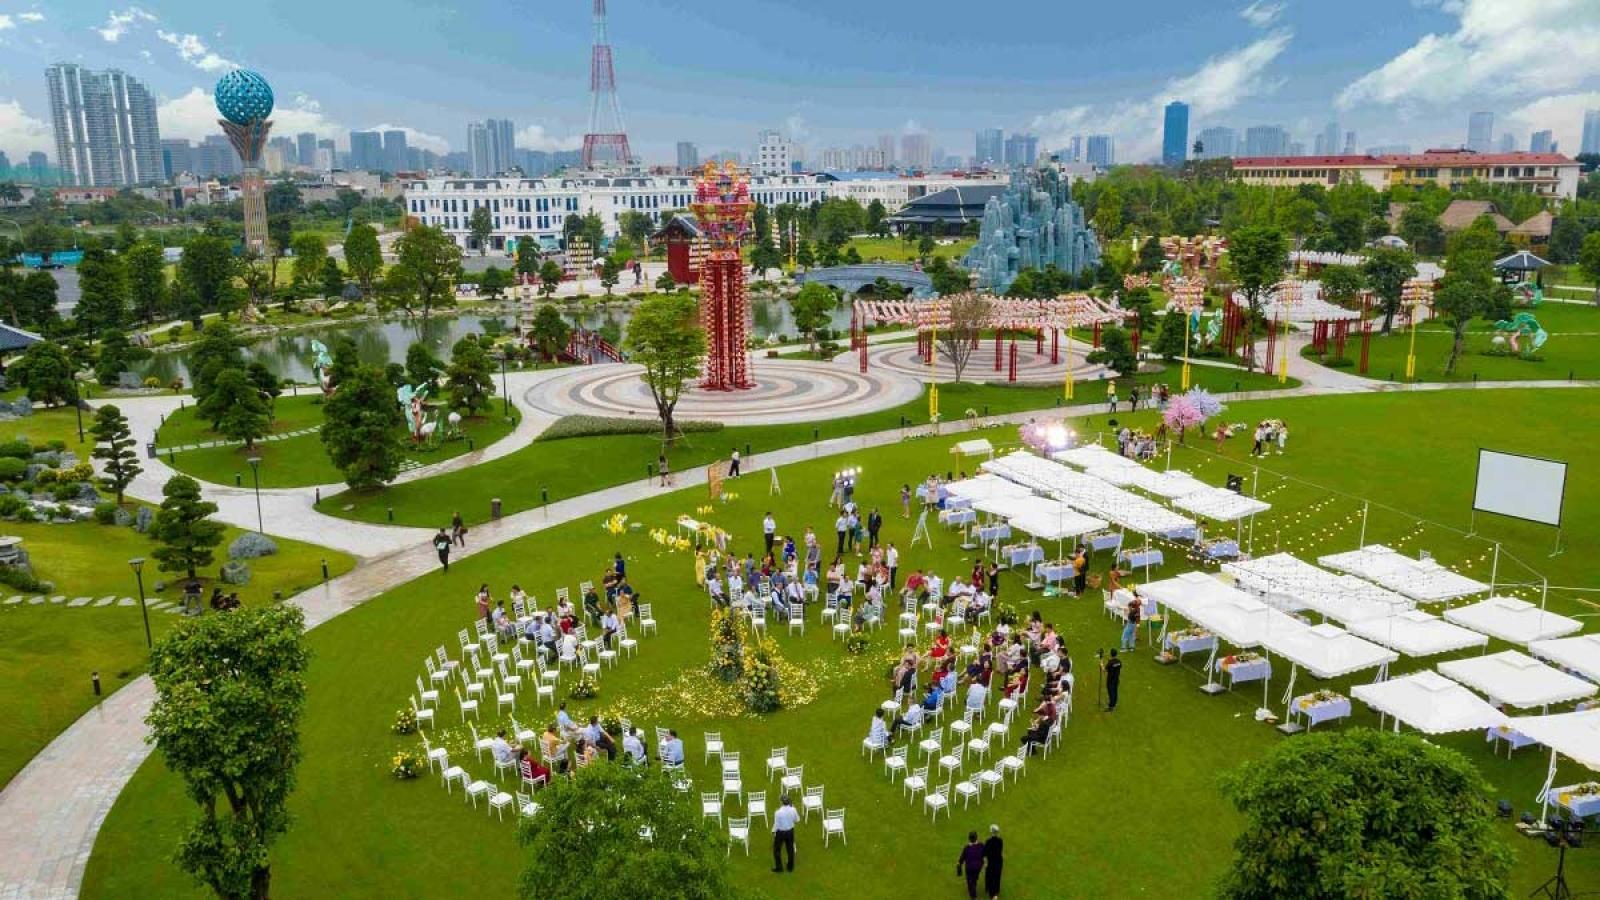 Đám cưới siêu lãng mạn tại Vườn Nhật giữa trời thu Hà Nội